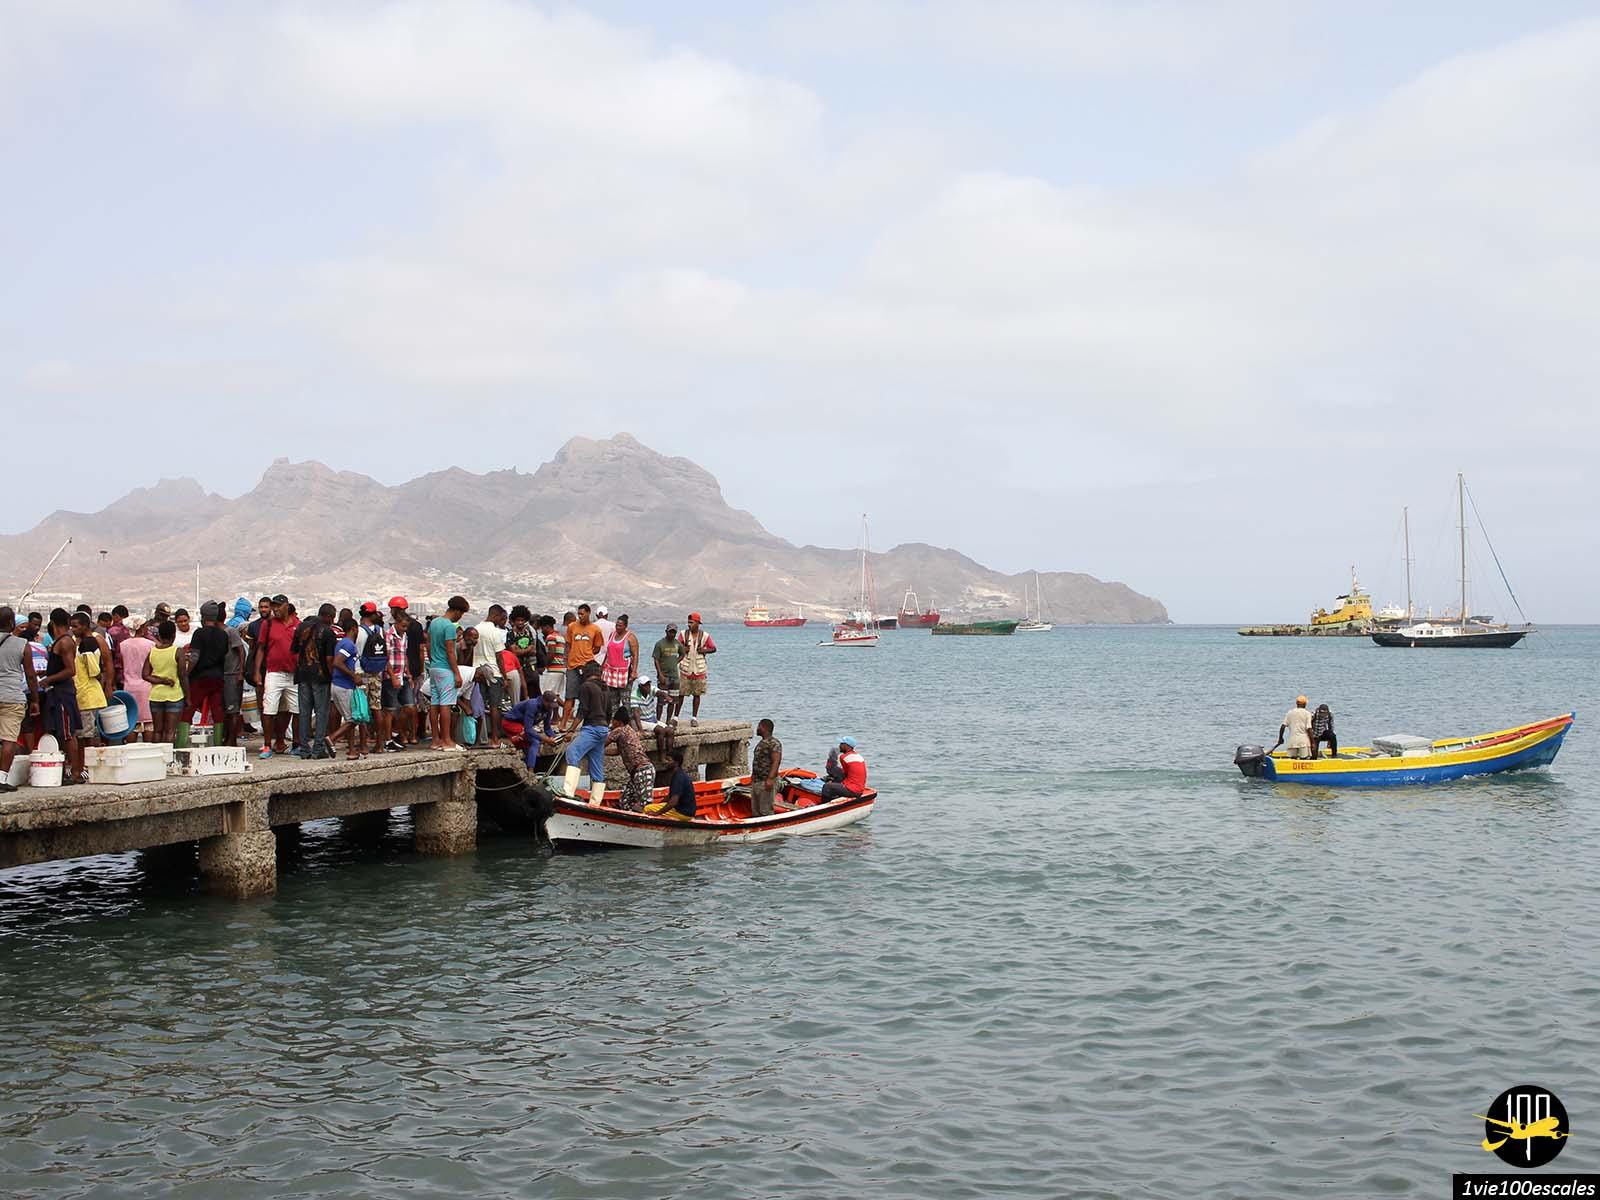 L'arrivée des pêcheurs sur le ponton du port de Mindelo sur l'île de Sao Vicente